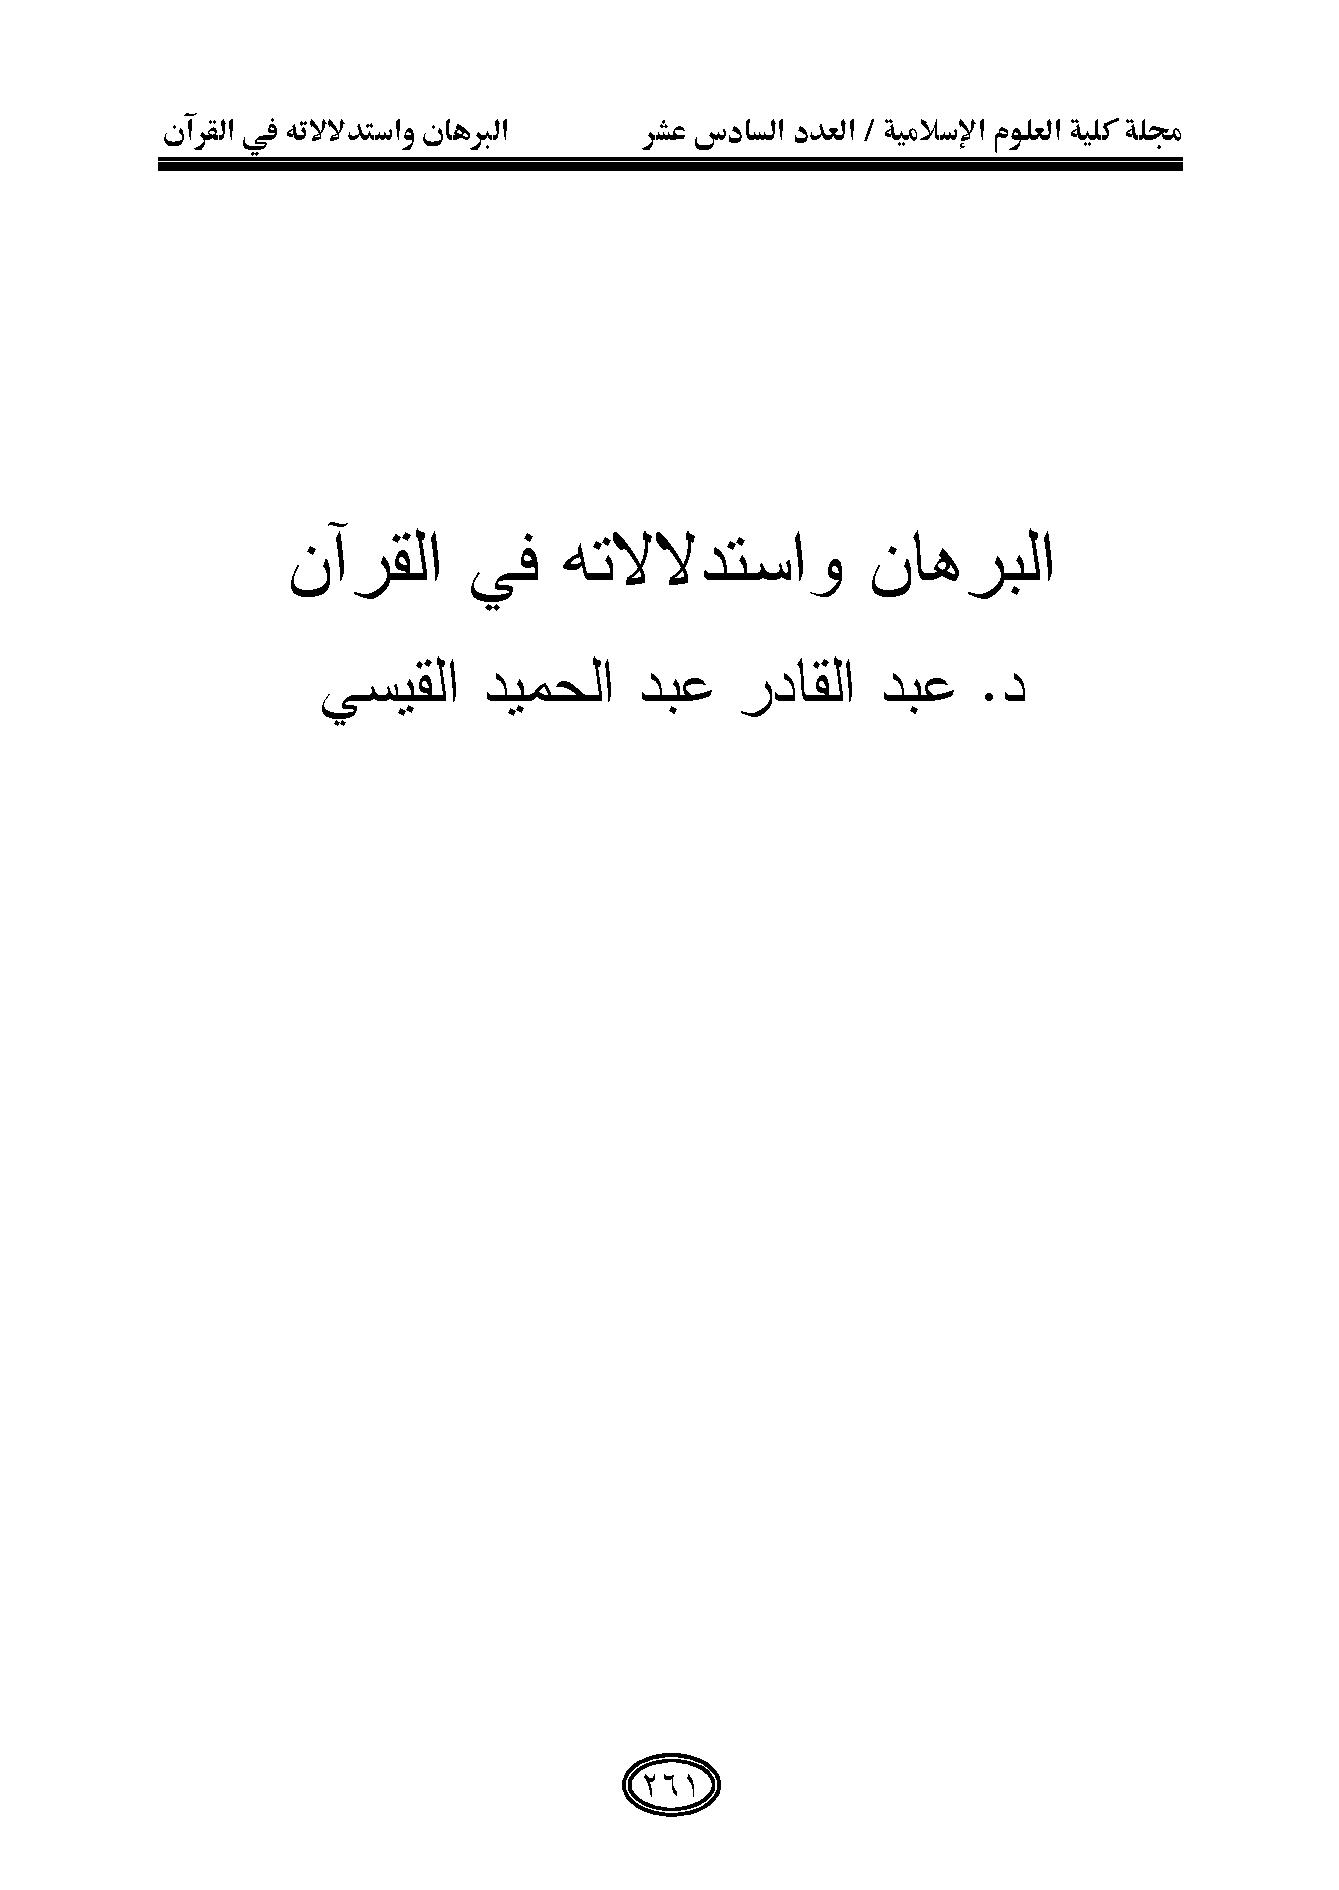 تحميل كتاب البرهان واستدلالاته في القرآن لـِ: الدكتور عبد القادر عبد الحميد القيسي